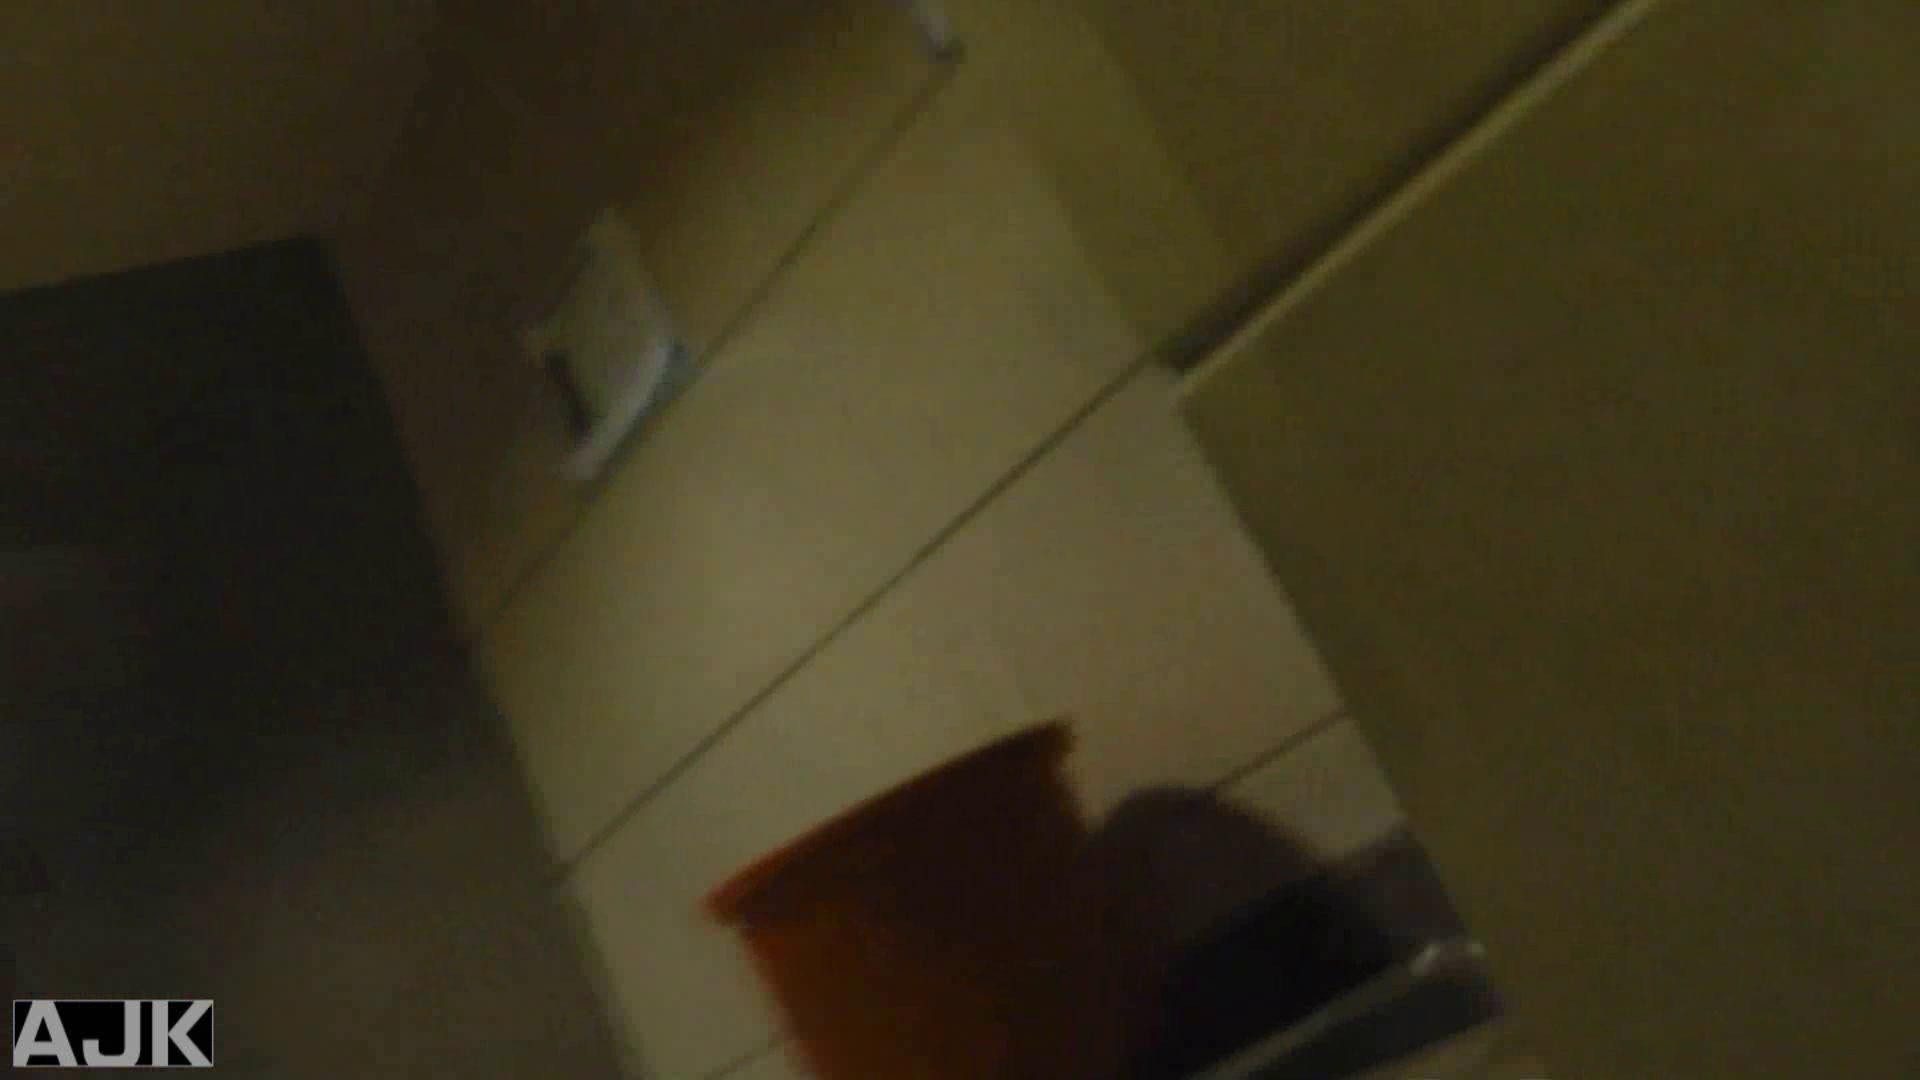 隣国上階級エリアの令嬢たちが集うデパートお手洗い Vol.09 OL | お手洗い  45連発 42